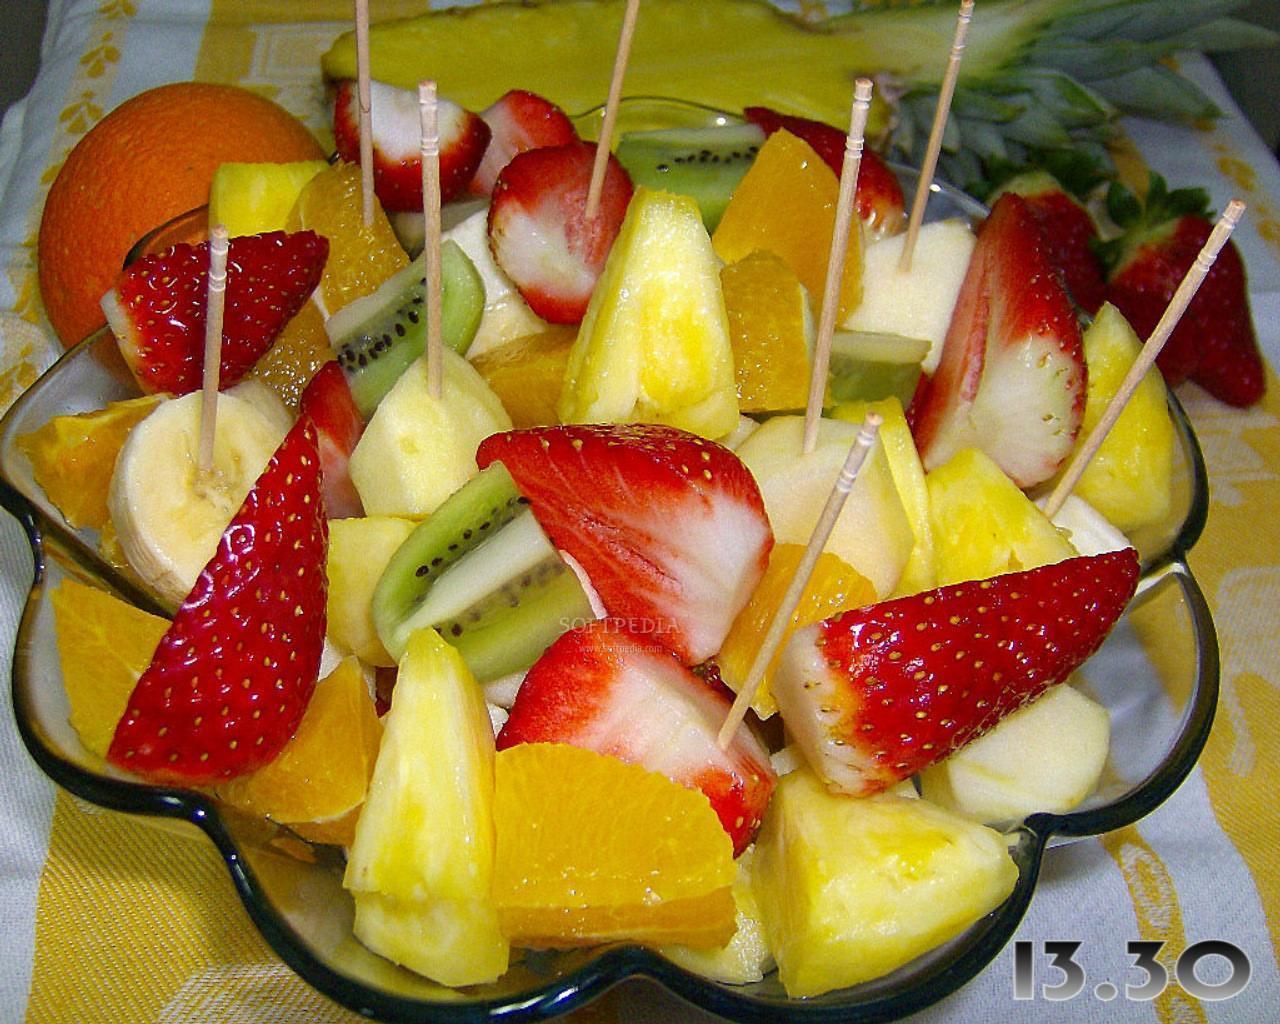 ரம்ஜான் இப்தார் விருந்து Fruits-fruit-20461021-1280-1024